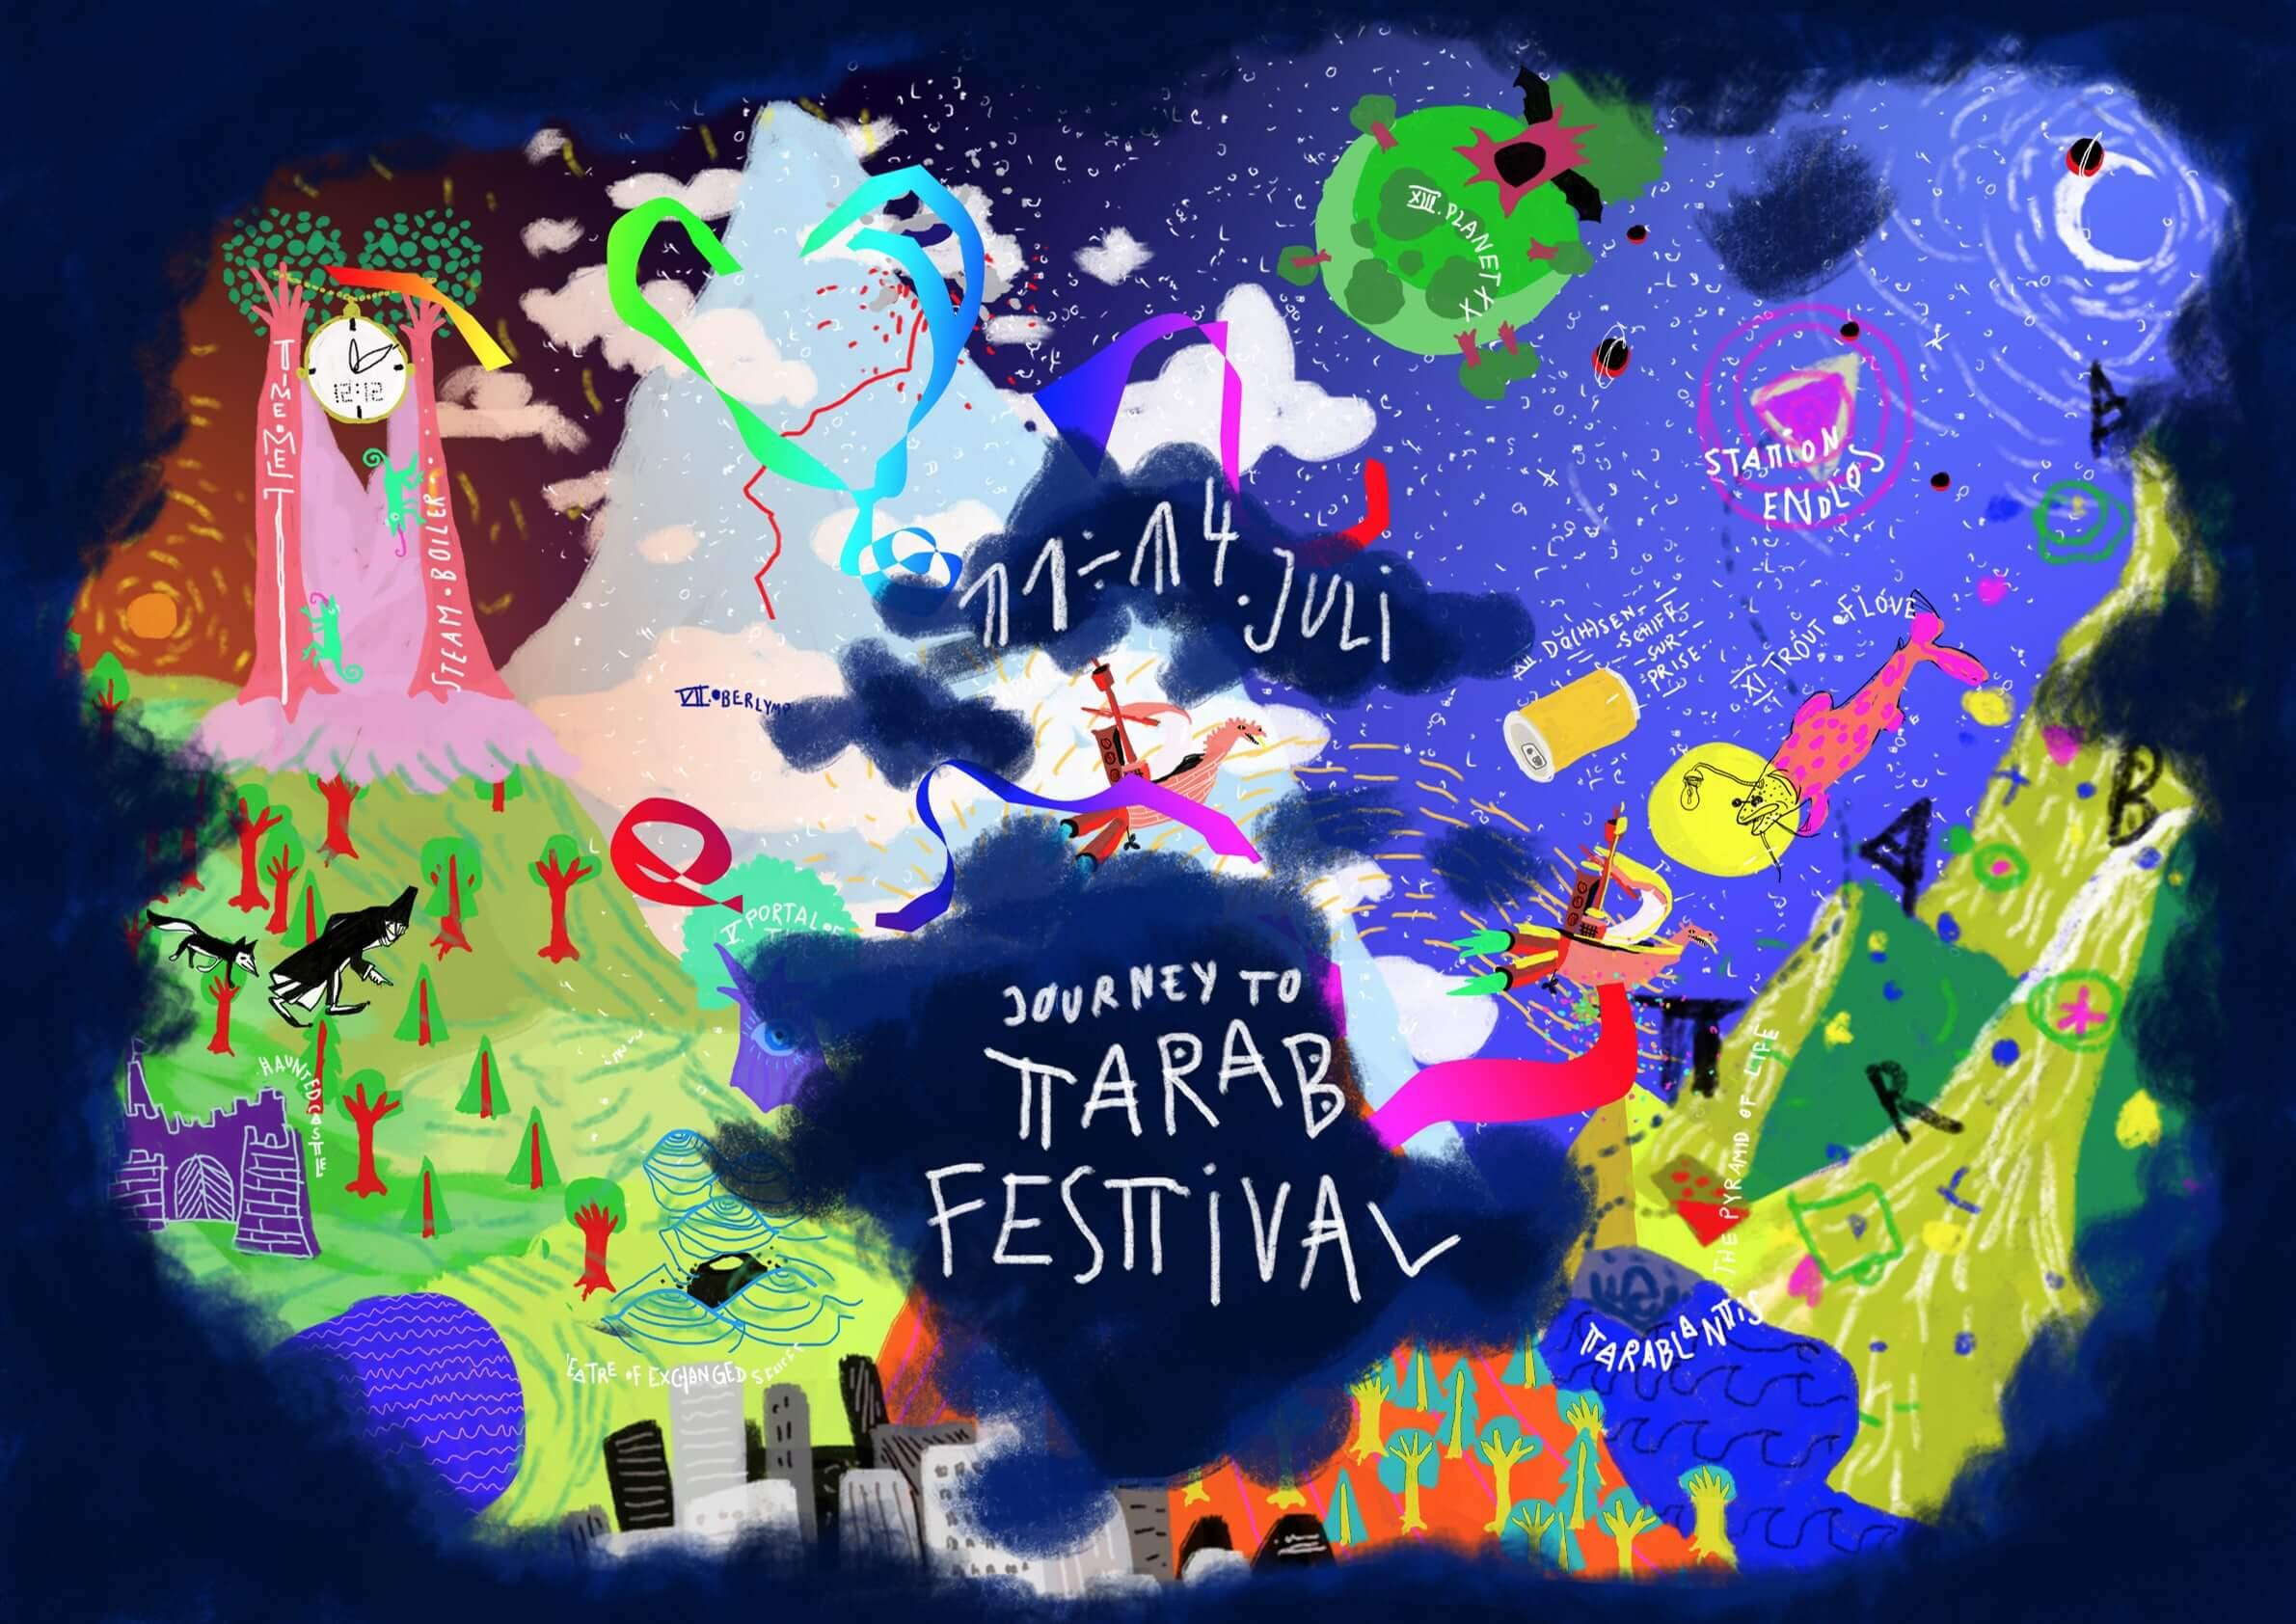 Das Journey to Tarab Festival vom 11. bis 14.Juli 2019 in Zsambek